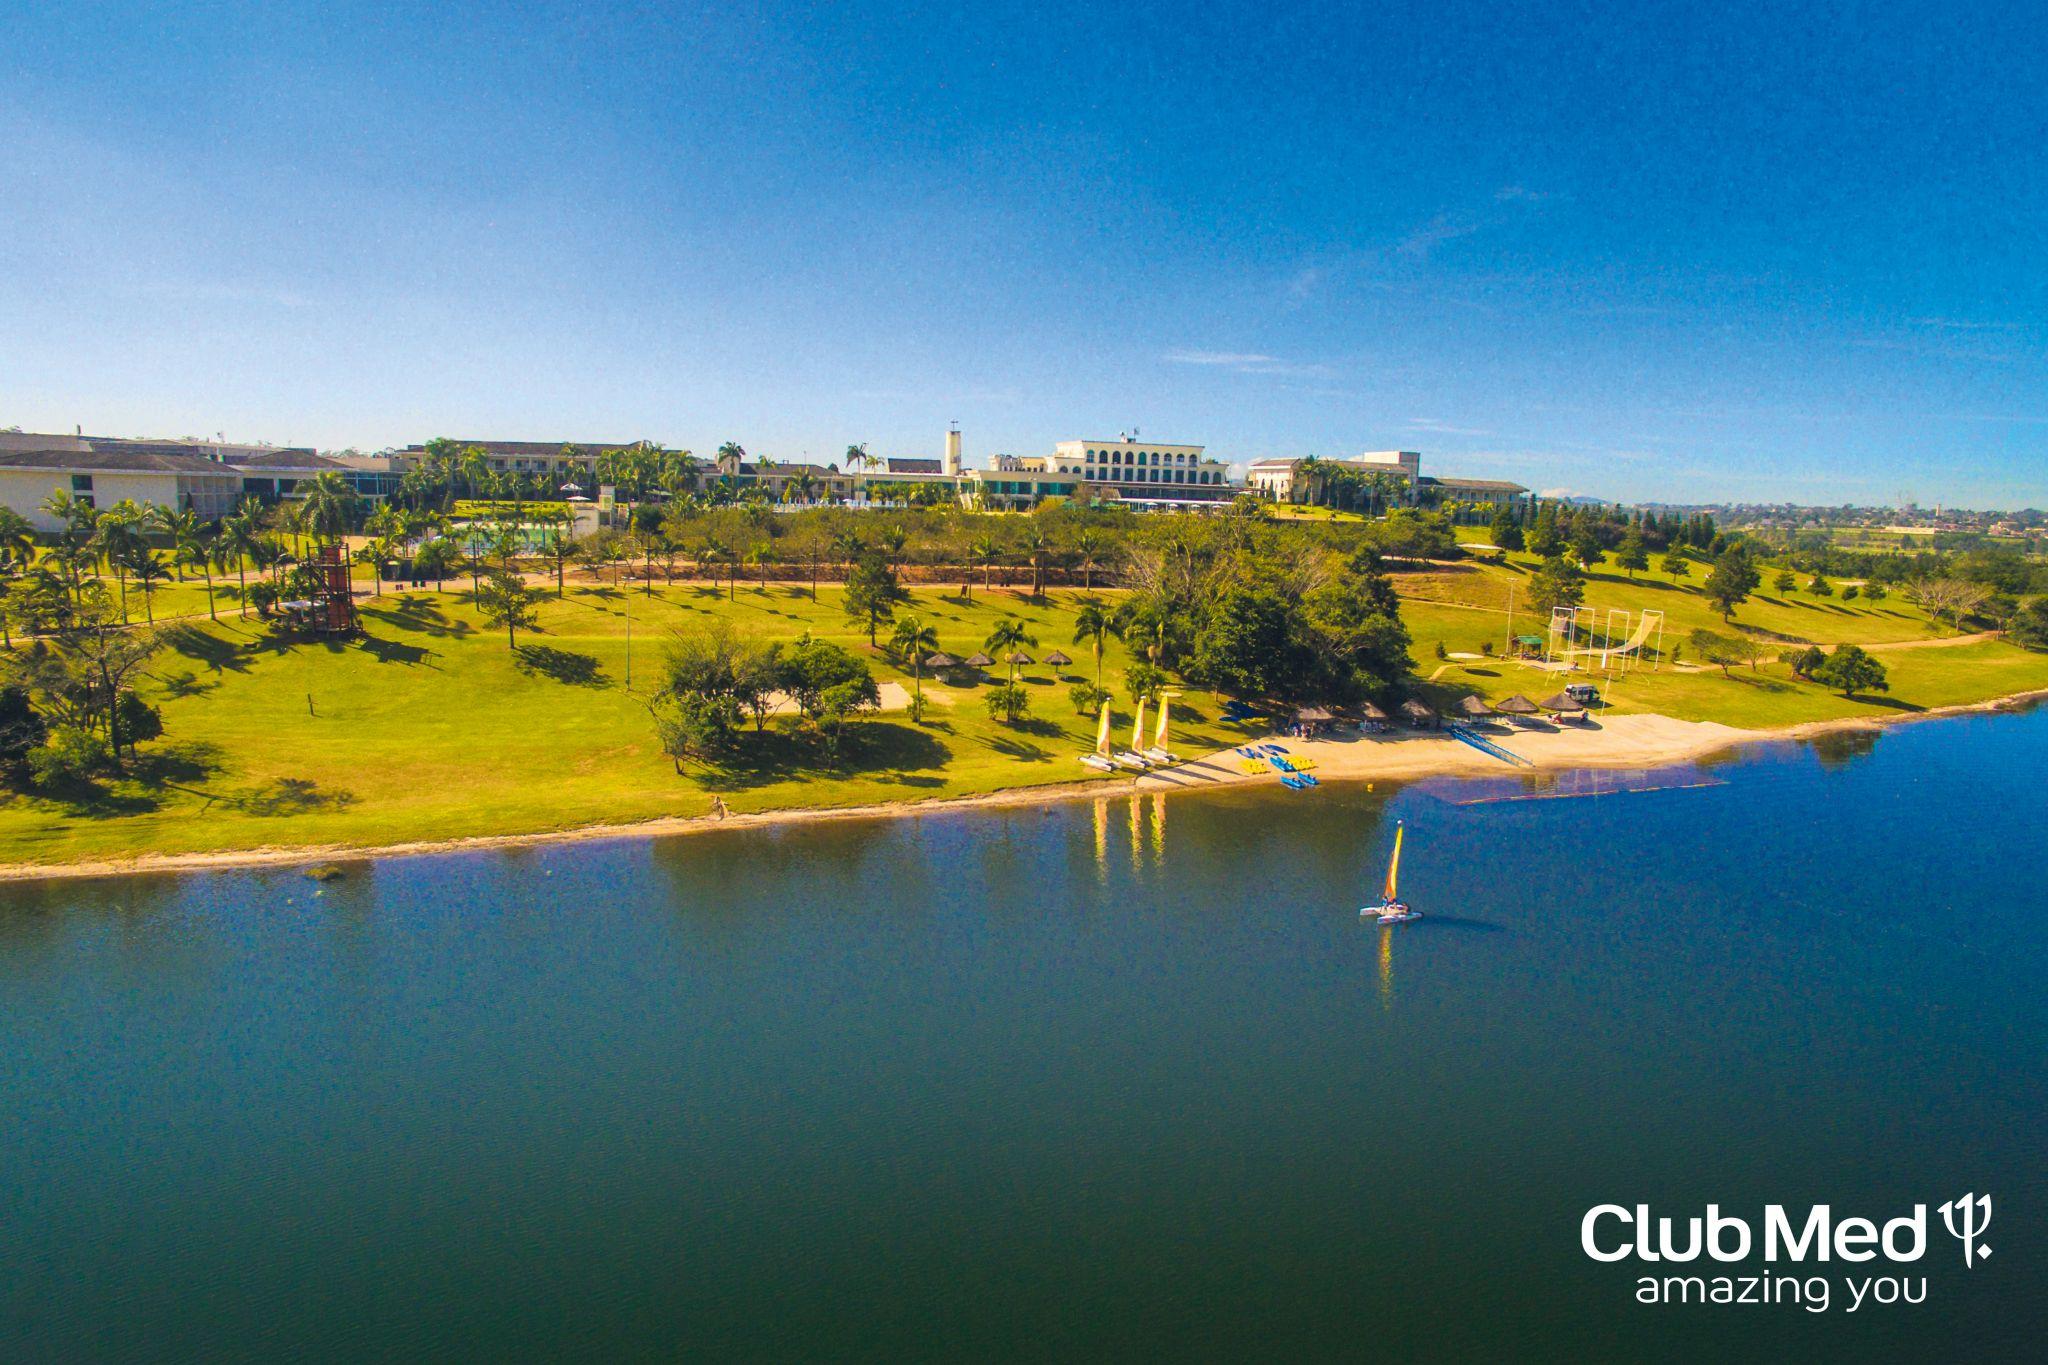 Club Med Lake Paradise de 09 a 13/05 - Via Exatur